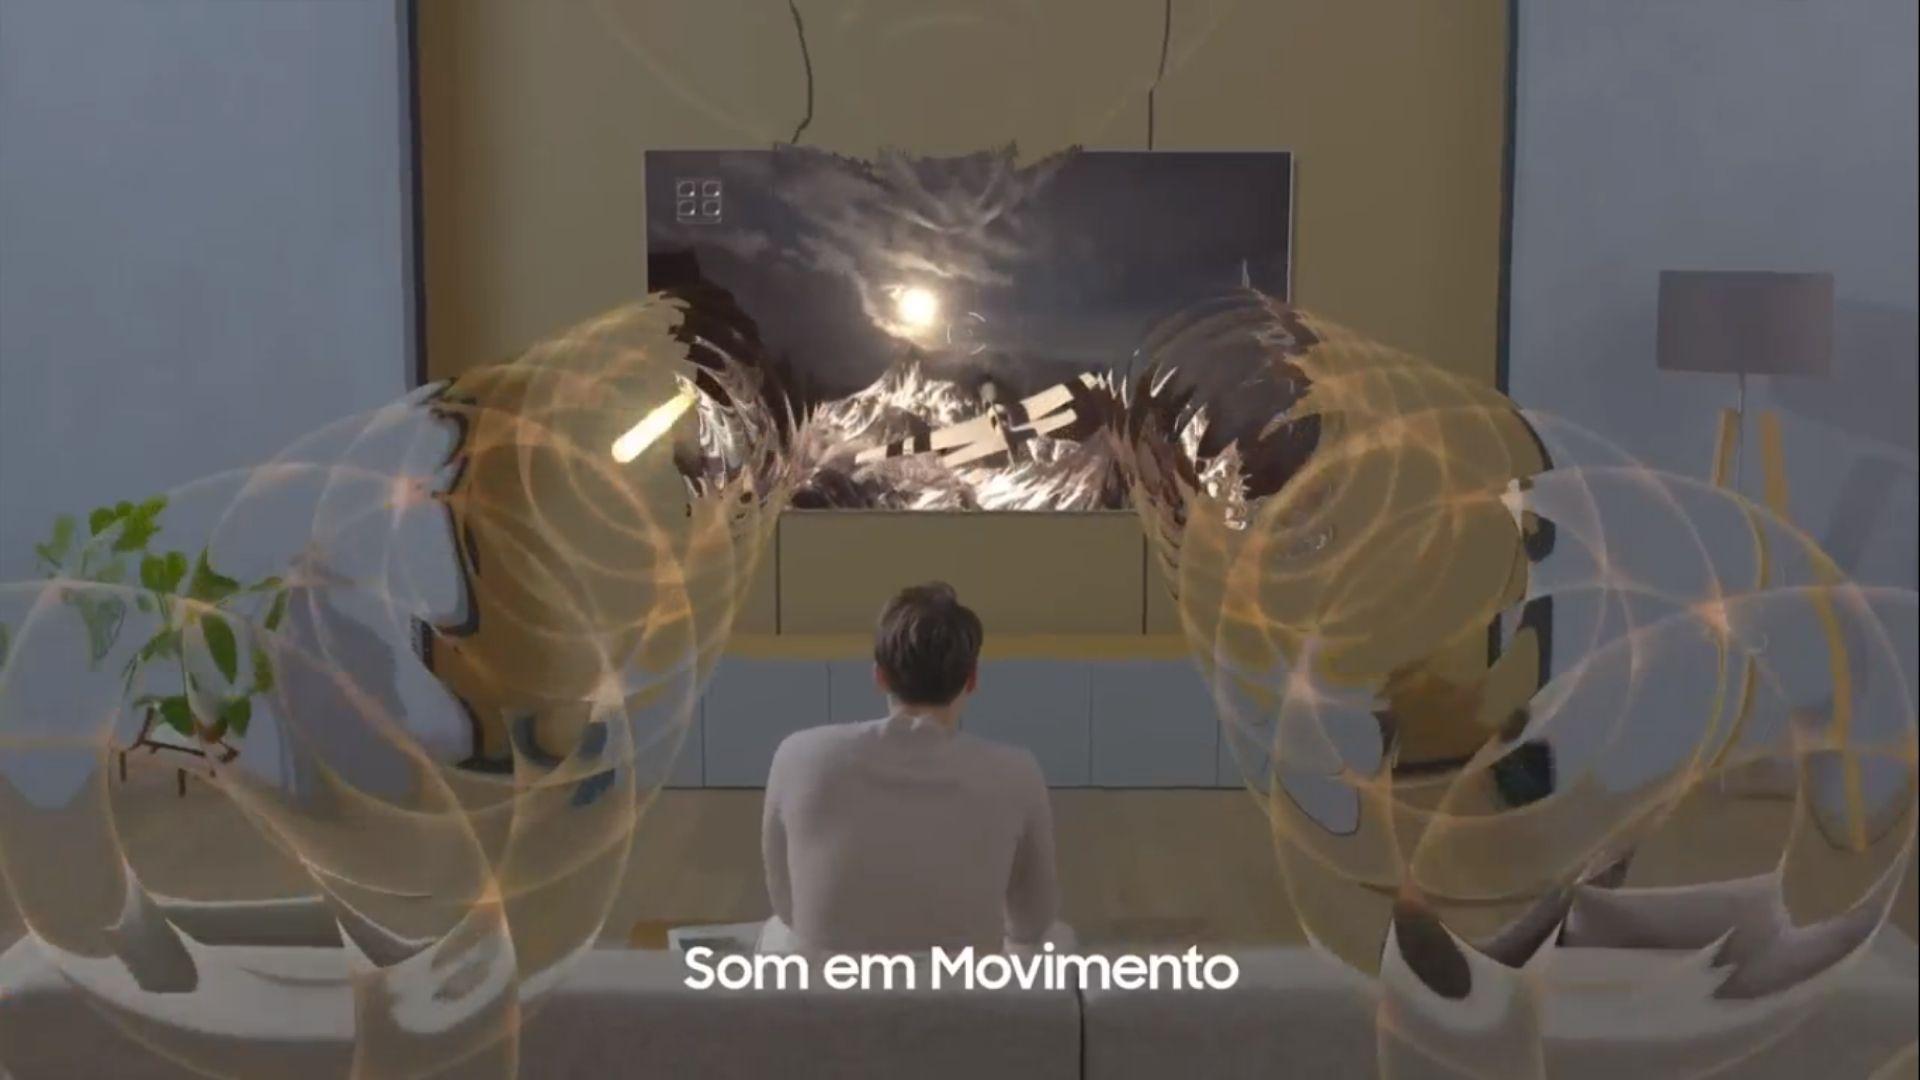 Ao acionar o Modo Game na Q95T, um dos ganhos é o som em movimento, presente na smart TV 8K da marca. (Imagem: Reprodução/Samsung)